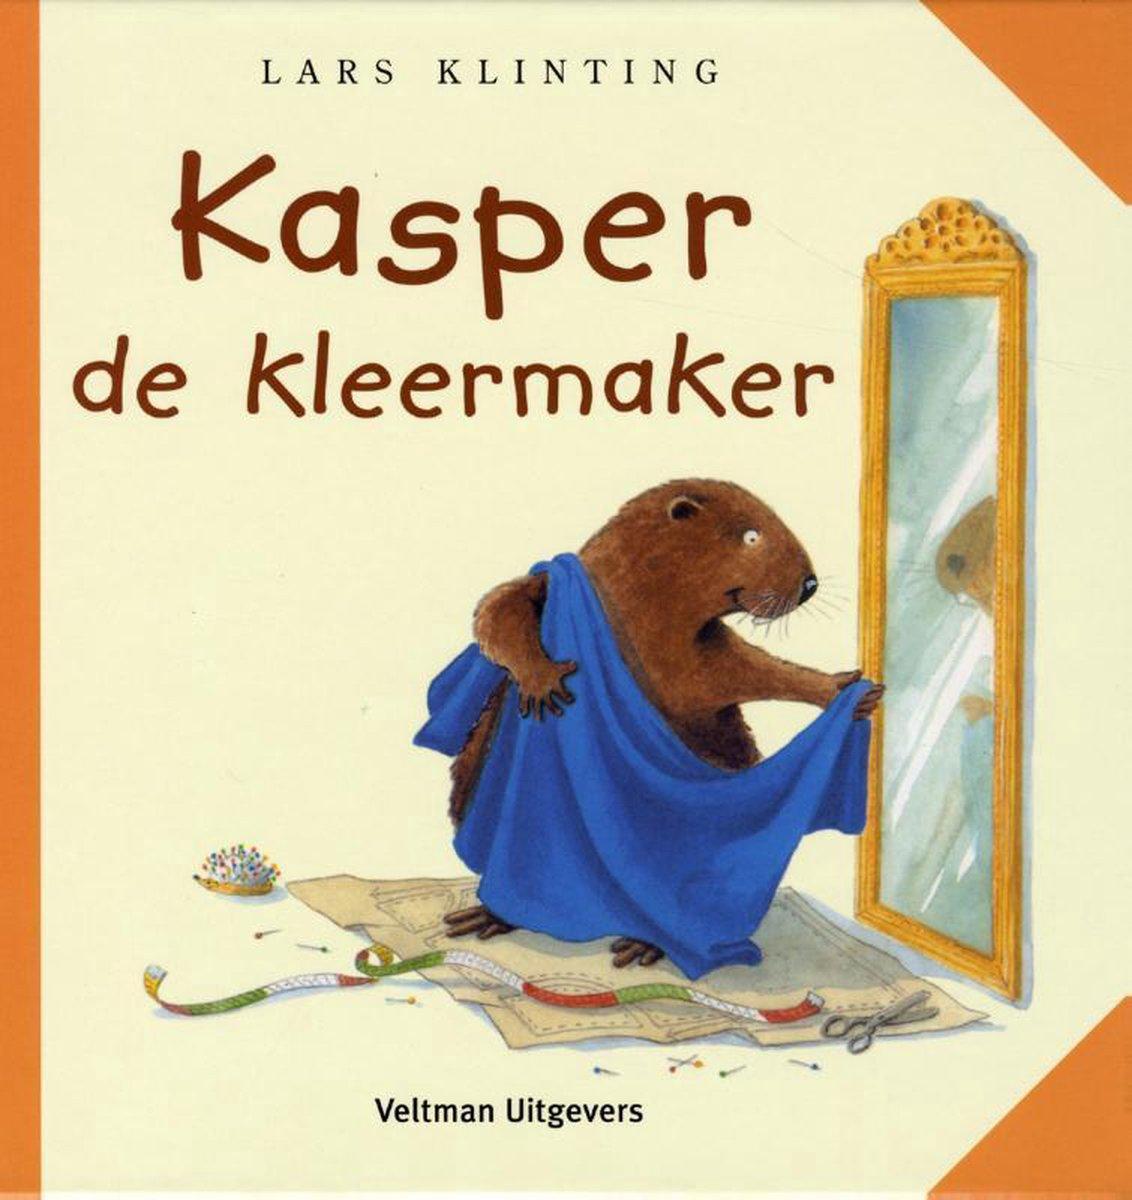 bol.com | Kasper de kleermaker, Lars Klinting | 9789048308941 | Boeken